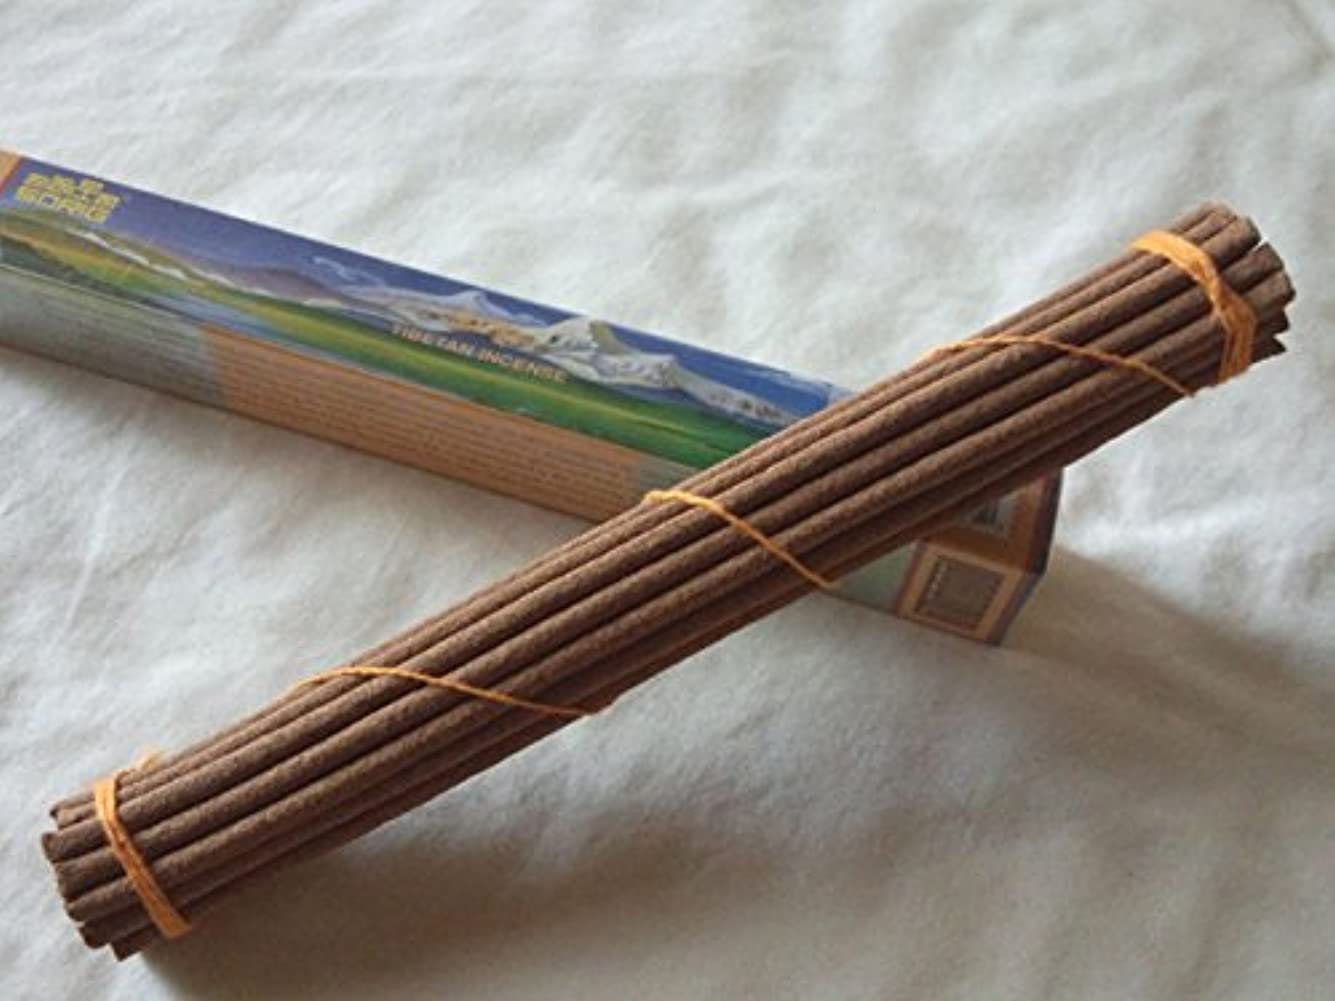 闘争損なうオーナメントMen-Tsee-Khang/メンツィカンのお香-シングル SORIG Tibetan Incense small 約20本入